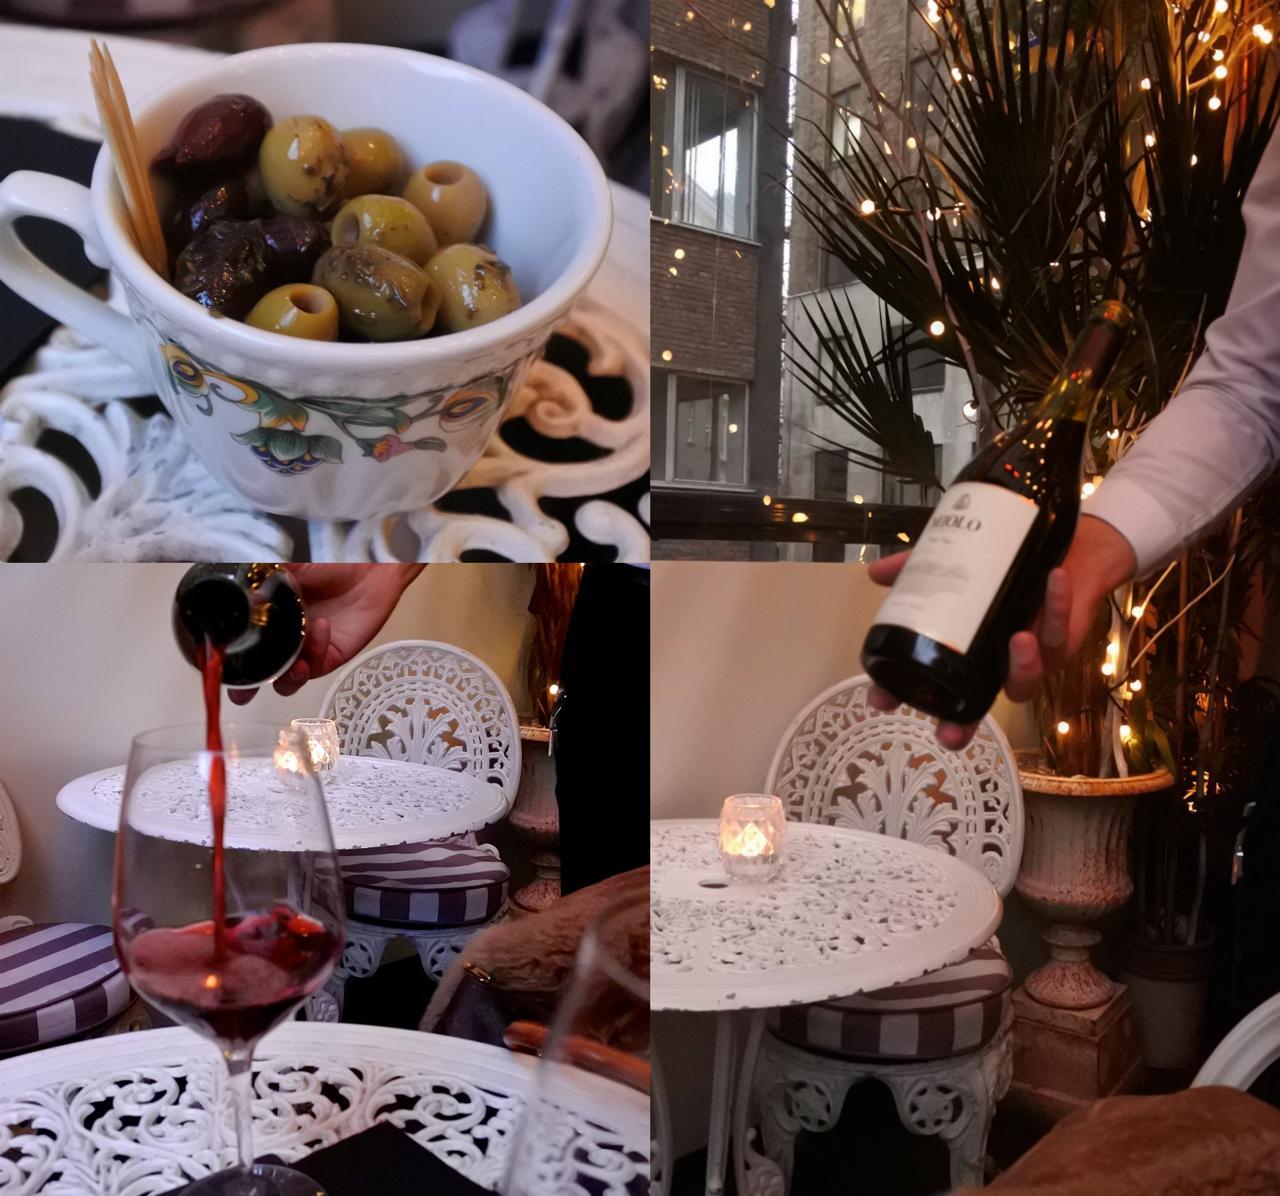 カクテルよりも赤ワイン!  二人でボトルを頼んでちびちびと楽しみます ^^